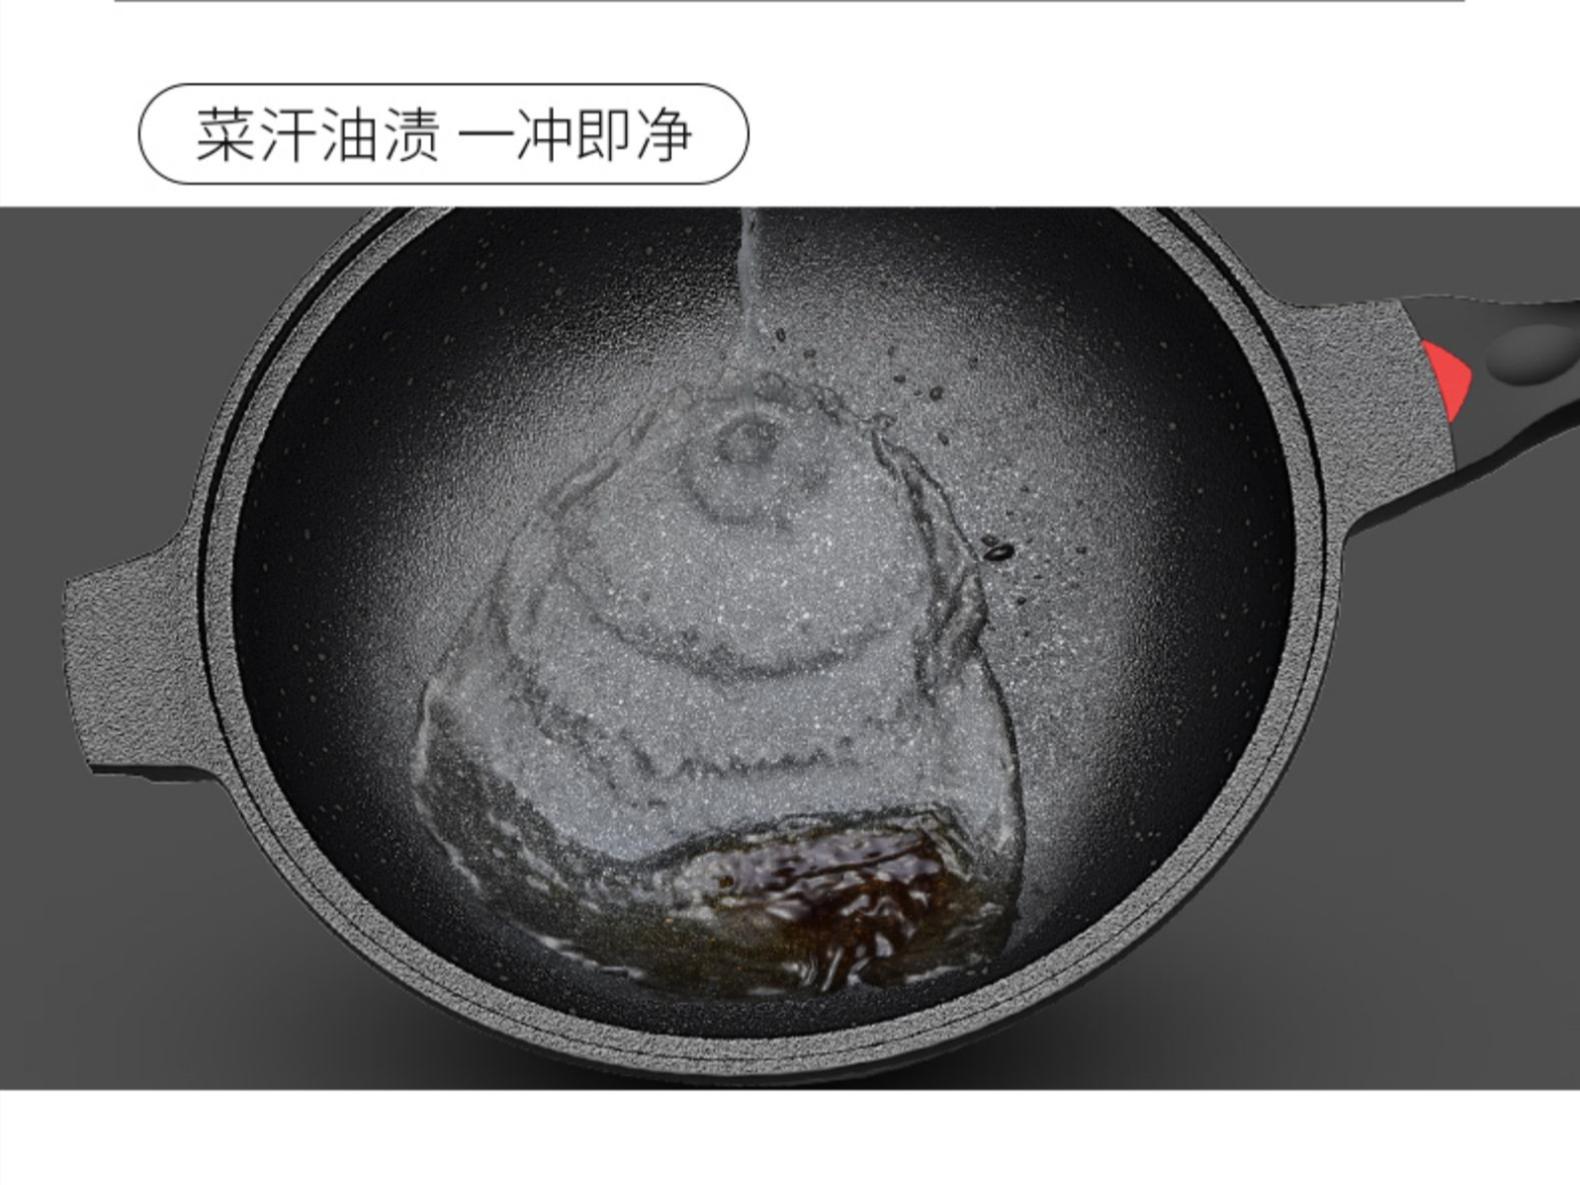 麦饭石锅清洗